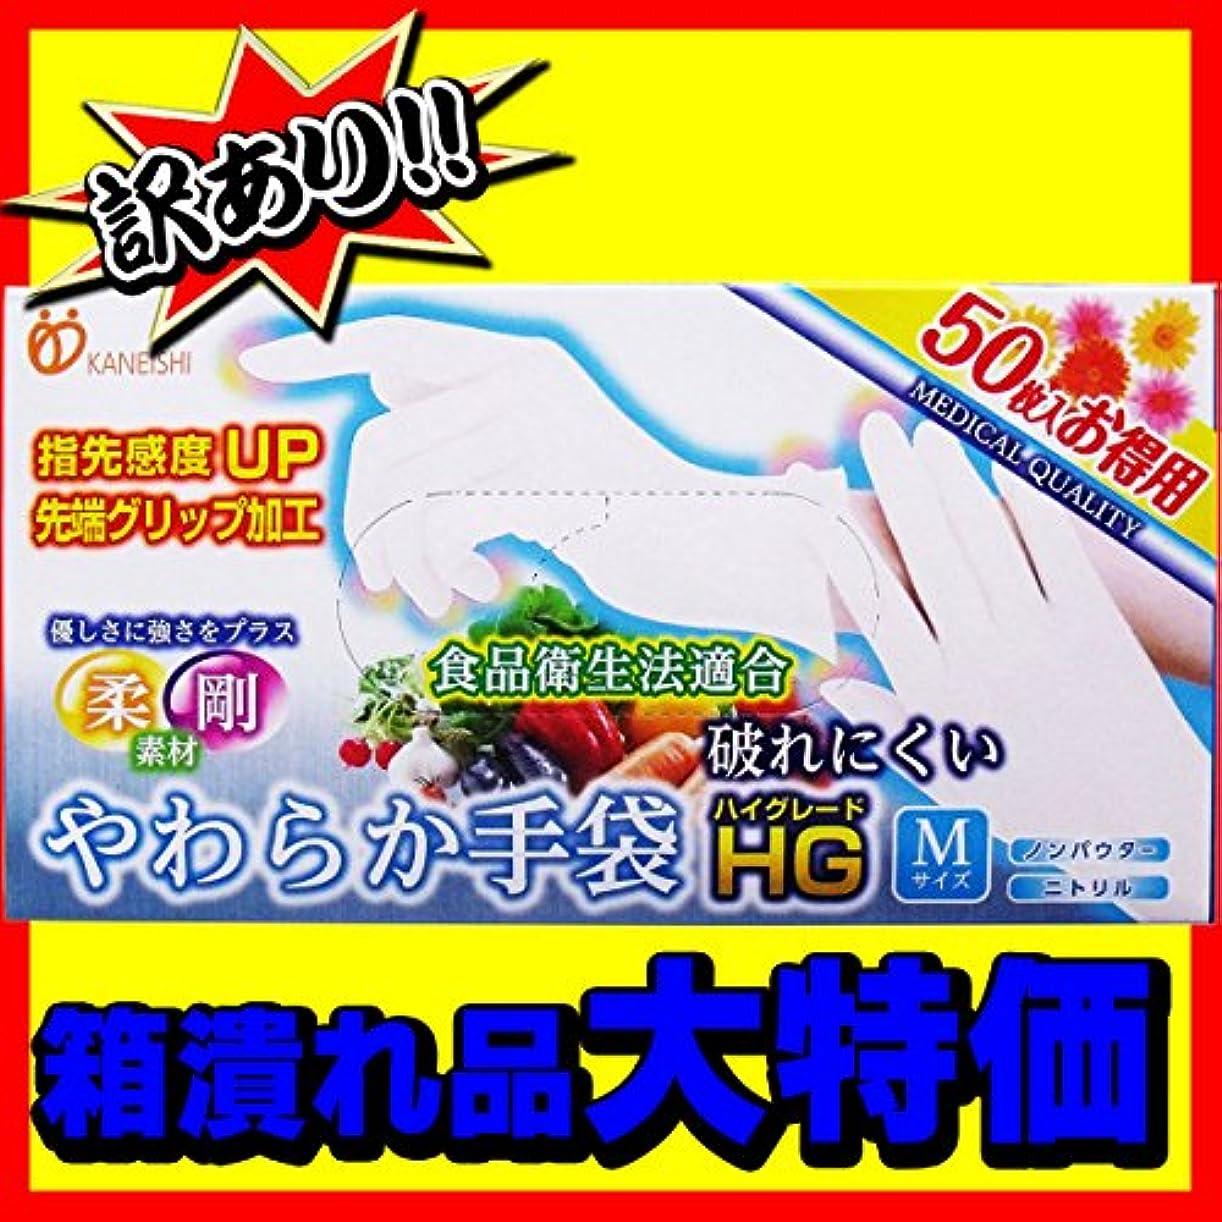 教室生産性直面する【訳アリ】 やわらか手袋HG(ハイグレード) 二トリル手袋 パウダーフリー Mサイズ50枚入